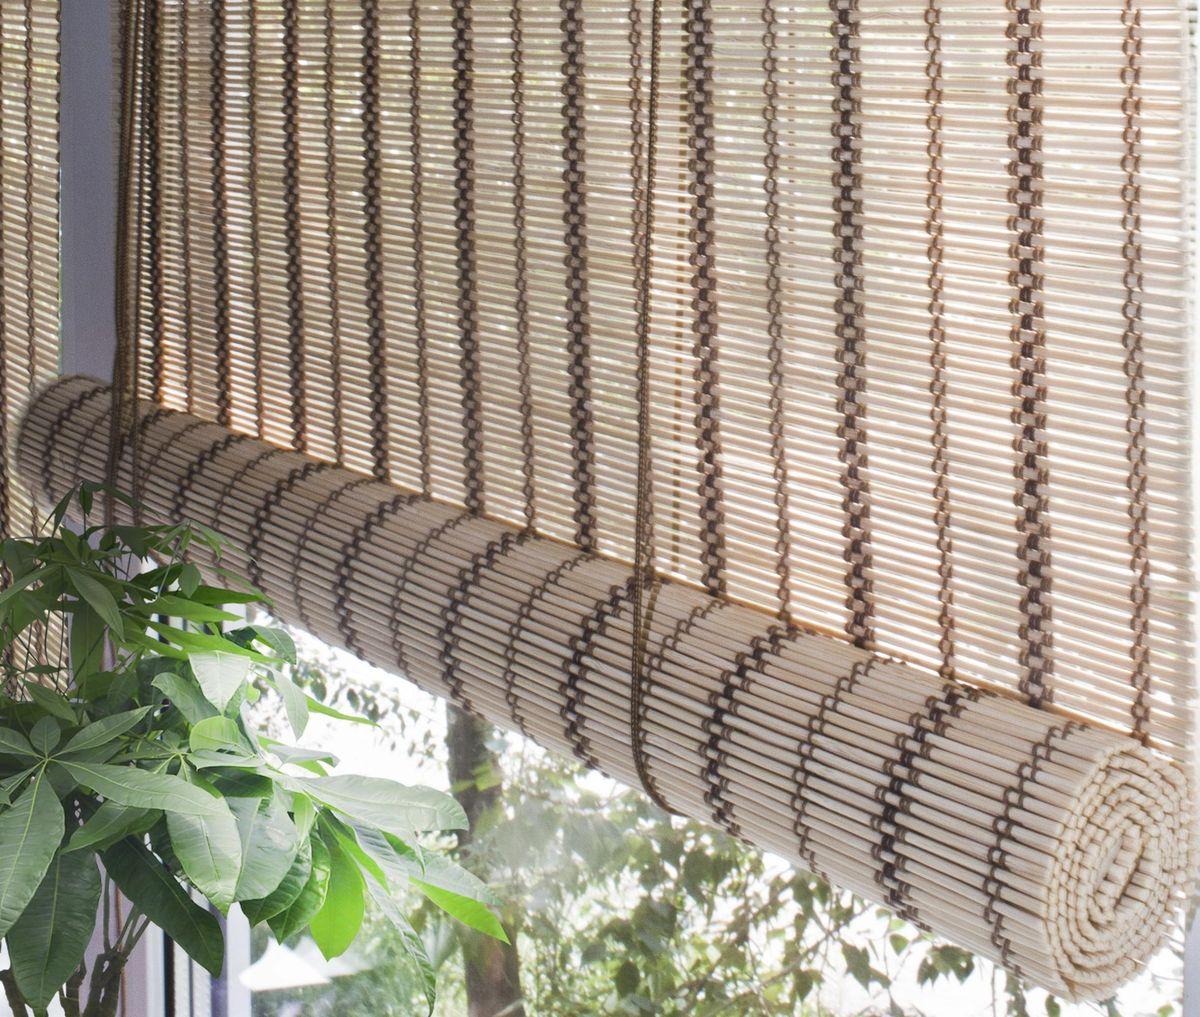 Штора рулонная Эскар Бамбук, цвет: песочный, ширина 160 см, высота 160 см70141160160При оформлении интерьера современных помещений многие отдают предпочтение природным материалам. Бамбуковые рулонные шторы - одно из натуральных изделий, способное сделать атмосферу помещения более уютной и в то же время необычной. Свойства бамбука уникальны: он экологически чист, так как быстро вырастает, благодаря чему не успевает накопить вредные вещества из окружающей среды. Кроме того, растение обладает противомикробным и антибактериальным действием. Занавеси из бамбука безопасно использовать в помещениях, где находятся новорожденные дети и люди, склонные к аллергии. Они незаменимы для тех, кто заботится о своем здоровье и уделяет внимание высокому уровню жизни.Бамбуковые рулонные шторы представляют собой полотно, состоящее из тонких бамбуковых стеблей и сворачиваемое в рулон.Римские бамбуковые шторы, как и тканевые римские шторы, при поднятии образуют крупные складки, которые прекрасно декорируют окно.Особенность устройства полотна позволяет свободно пропускать дневной свет, что обеспечивает мягкое освещение комнаты. Это натуральный влагостойкий материал, который легко вписывается в любой интерьер, хорошо сочетается с различной мебелью и элементами отделки. Использование бамбукового полотна придает помещению необычный вид и визуально расширяет пространство.Помимо внешней красоты, это еще и очень удобные конструкции, экономящие пространство. Изготавливаются они из специальных материалов, устойчивых к внешним воздействиям. Сама штора очень эргономичная, и позволяет изменять визуально пространство в зависимости от потребностей владельца.